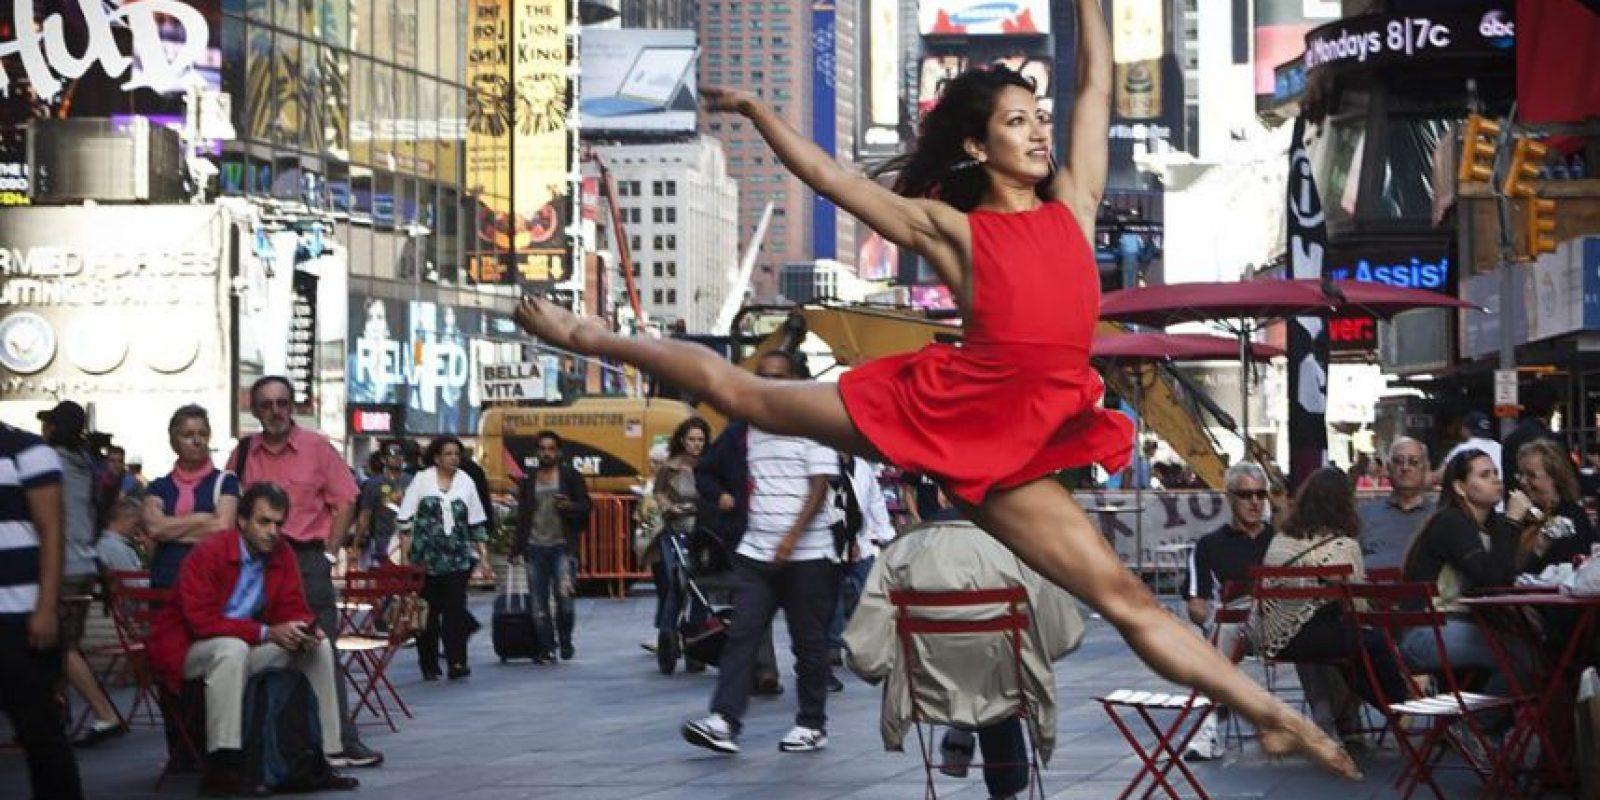 El Times Square es el lugar favorito para recibir el Año Nuevo. Foto:Infobae